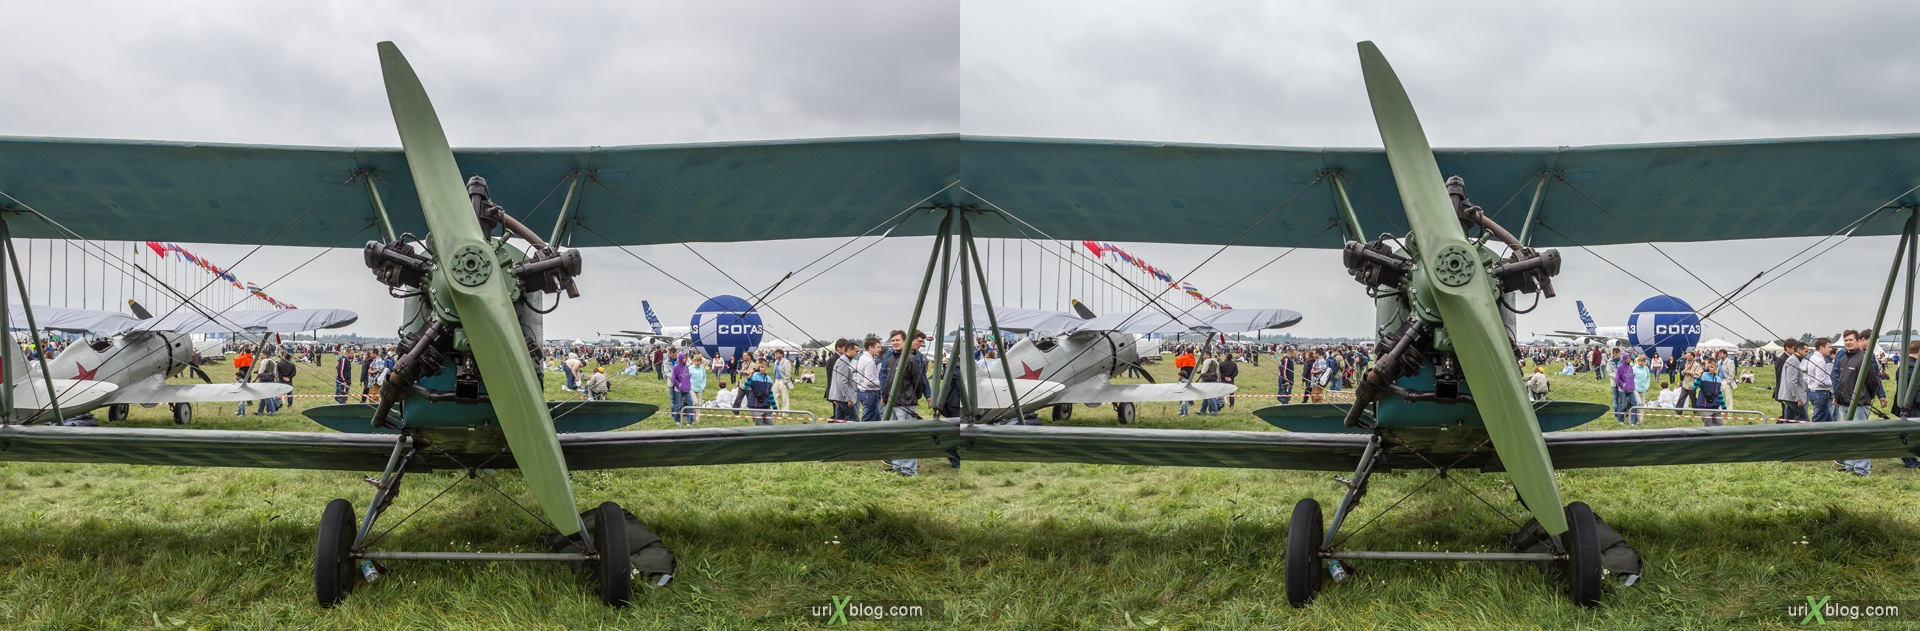 2013, По-2, Россия, Раменское, Жуковский, аэродром, самолёт, экспозиция, МАКС, Международный Авиационно-космический Салон, 3D, перекрёстная стереопара, стерео, стереопара